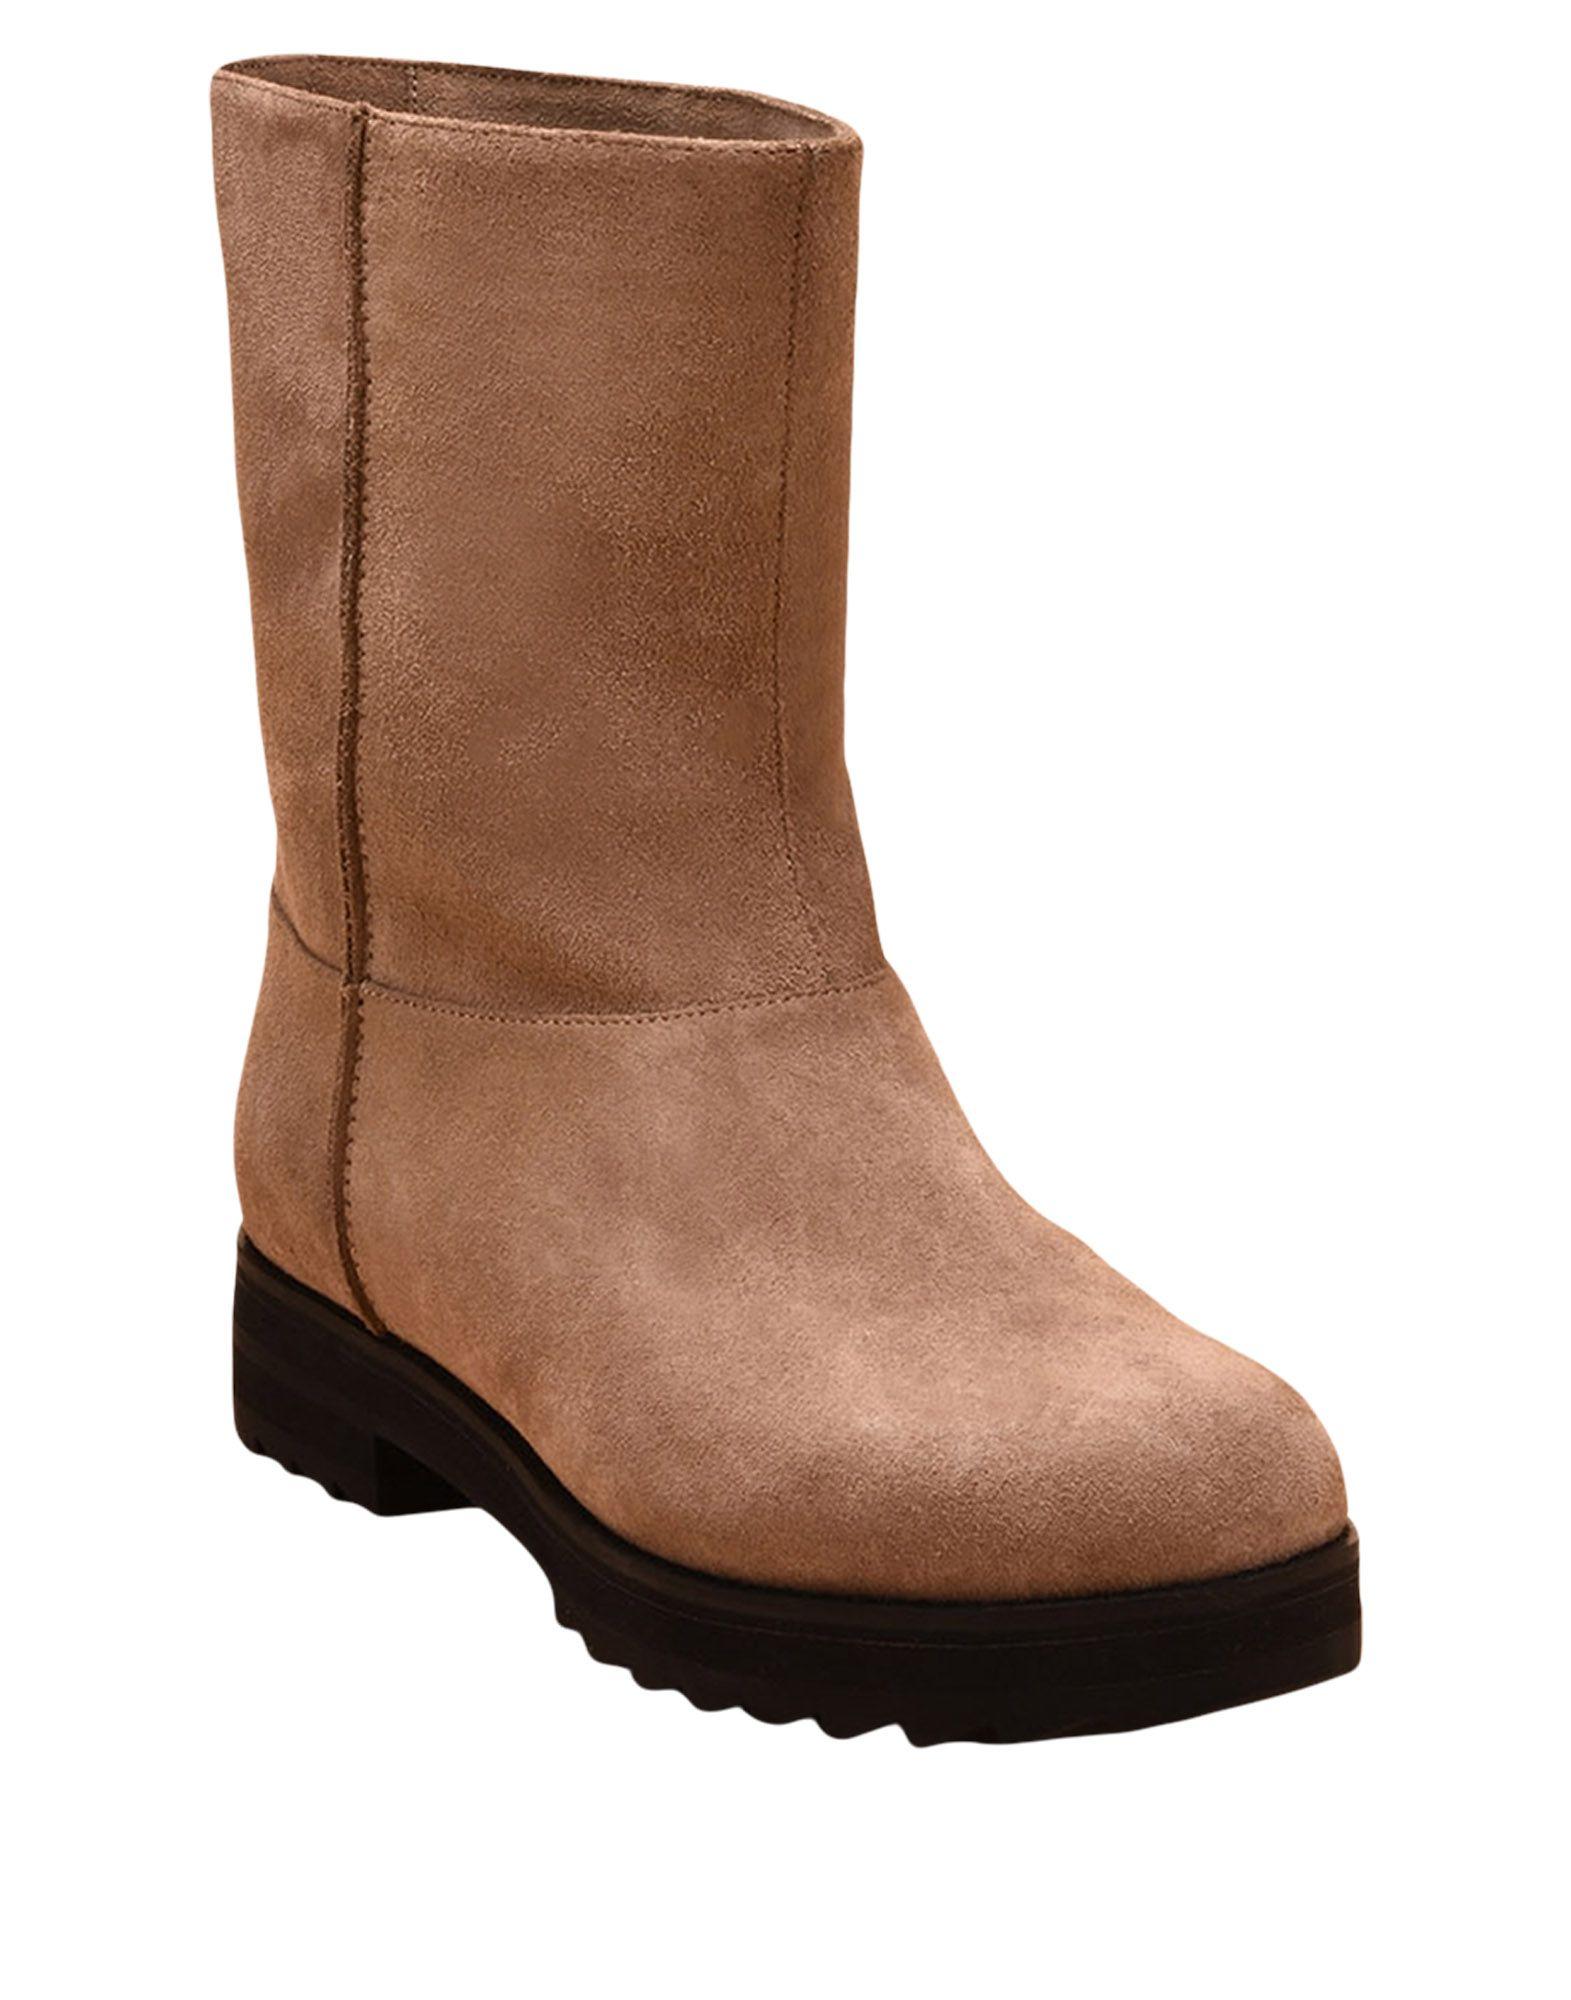 Jil Sander Navy Stiefelette Damen Damen Damen  11518117AO Neue Schuhe b2f2d7